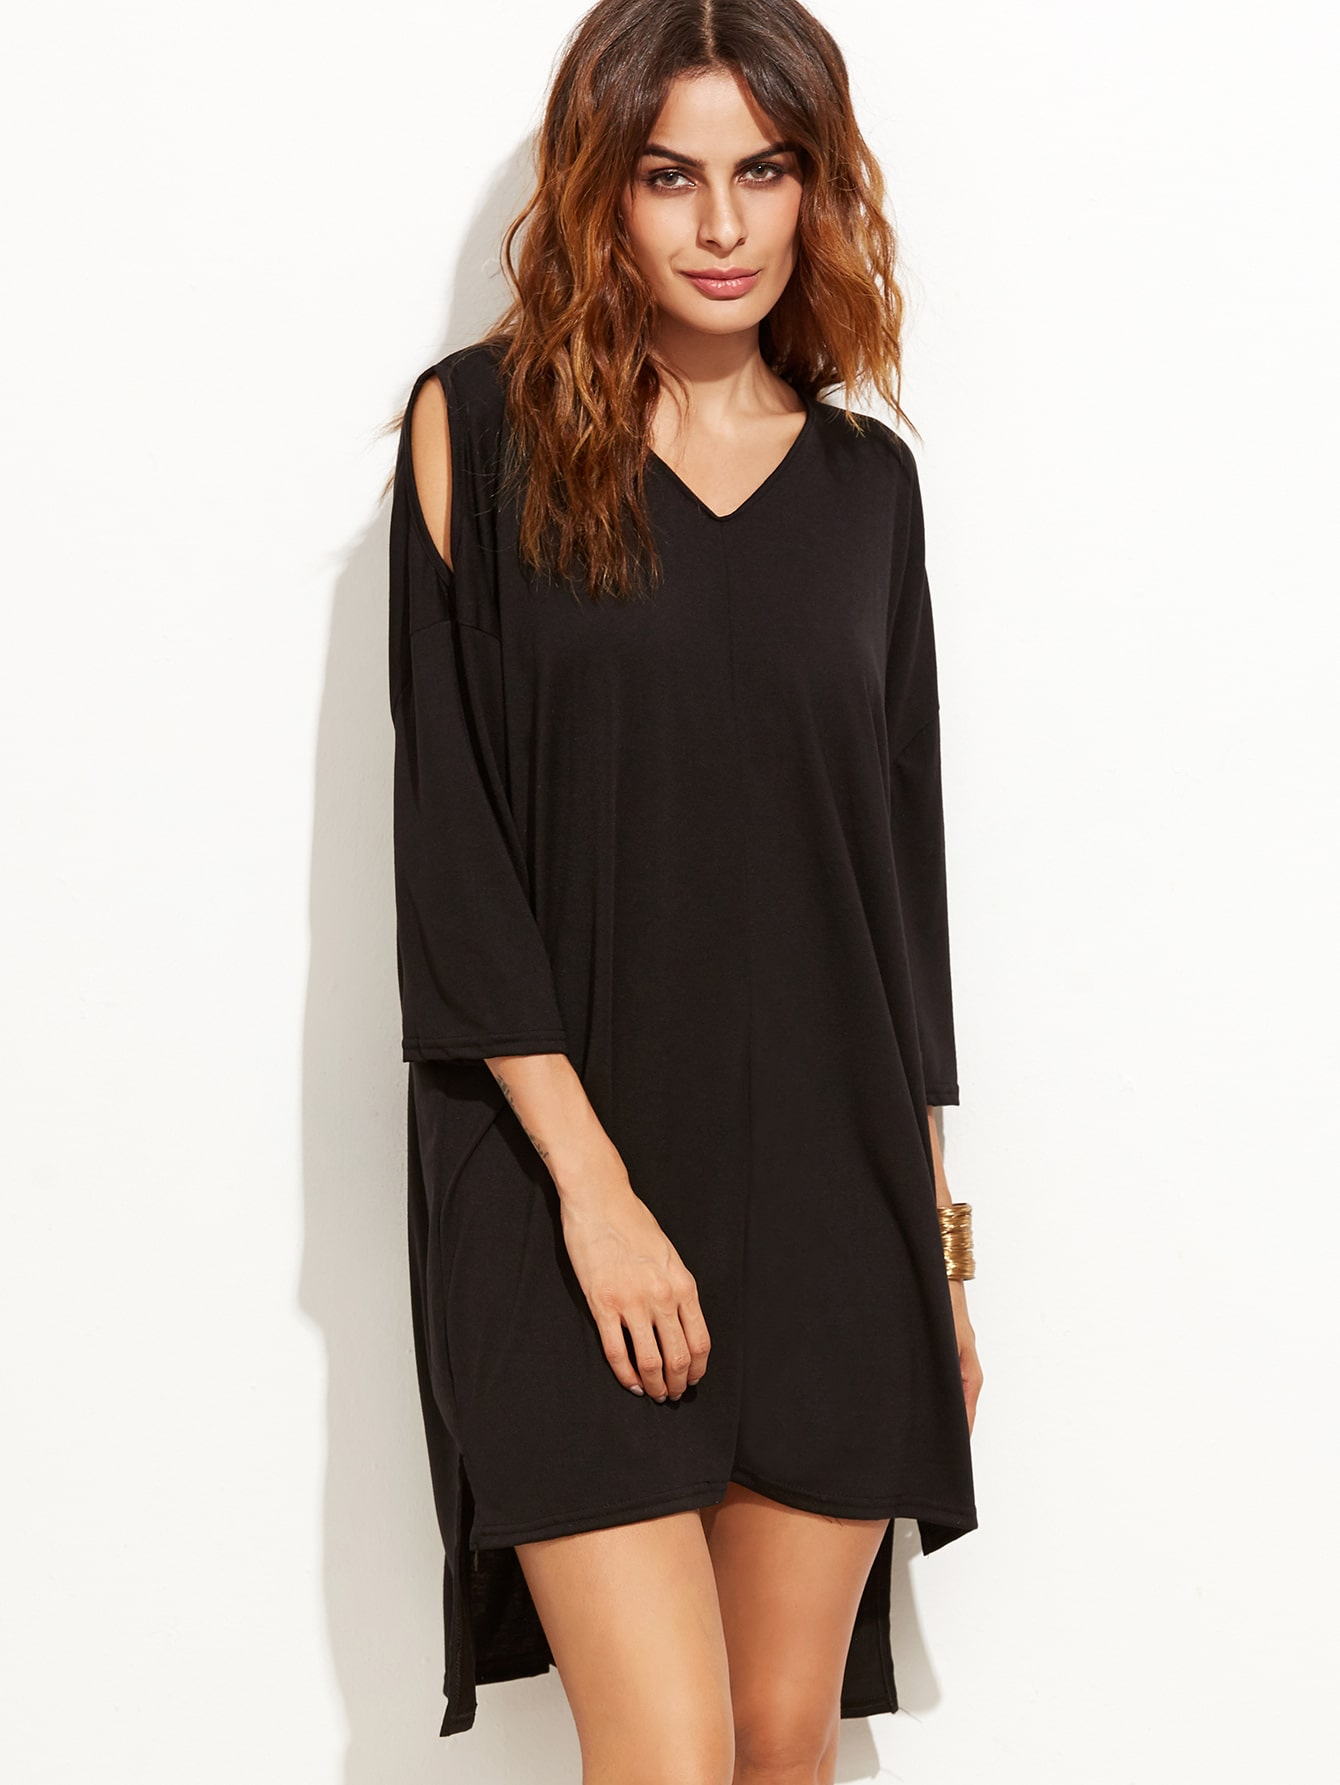 Black Open Shoulder Slit Side High Low Tee DressBlack Open Shoulder Slit Side High Low Tee Dress<br><br>color: Black<br>size: one-size